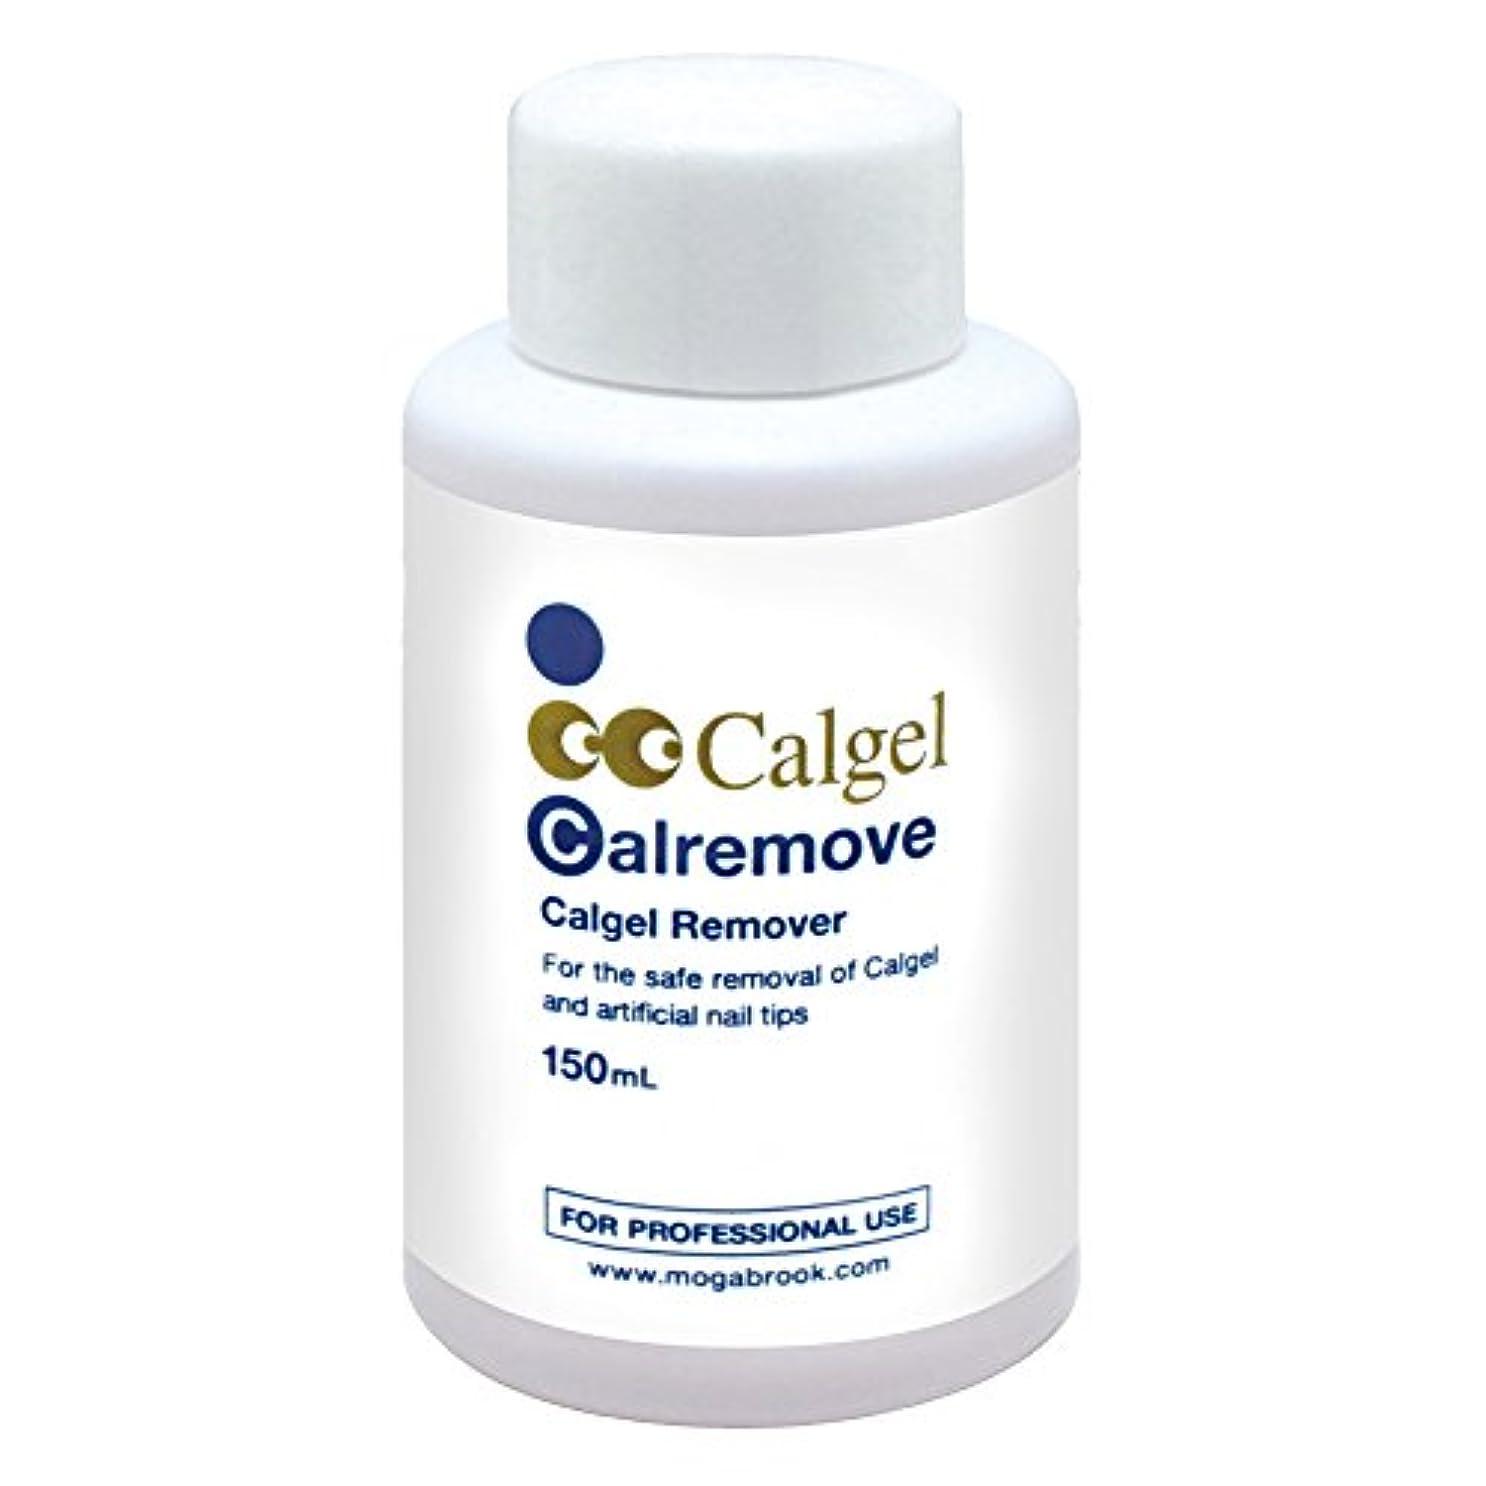 略す住居水Calgel カルリムーフ゛150ml ジェルリムーバー